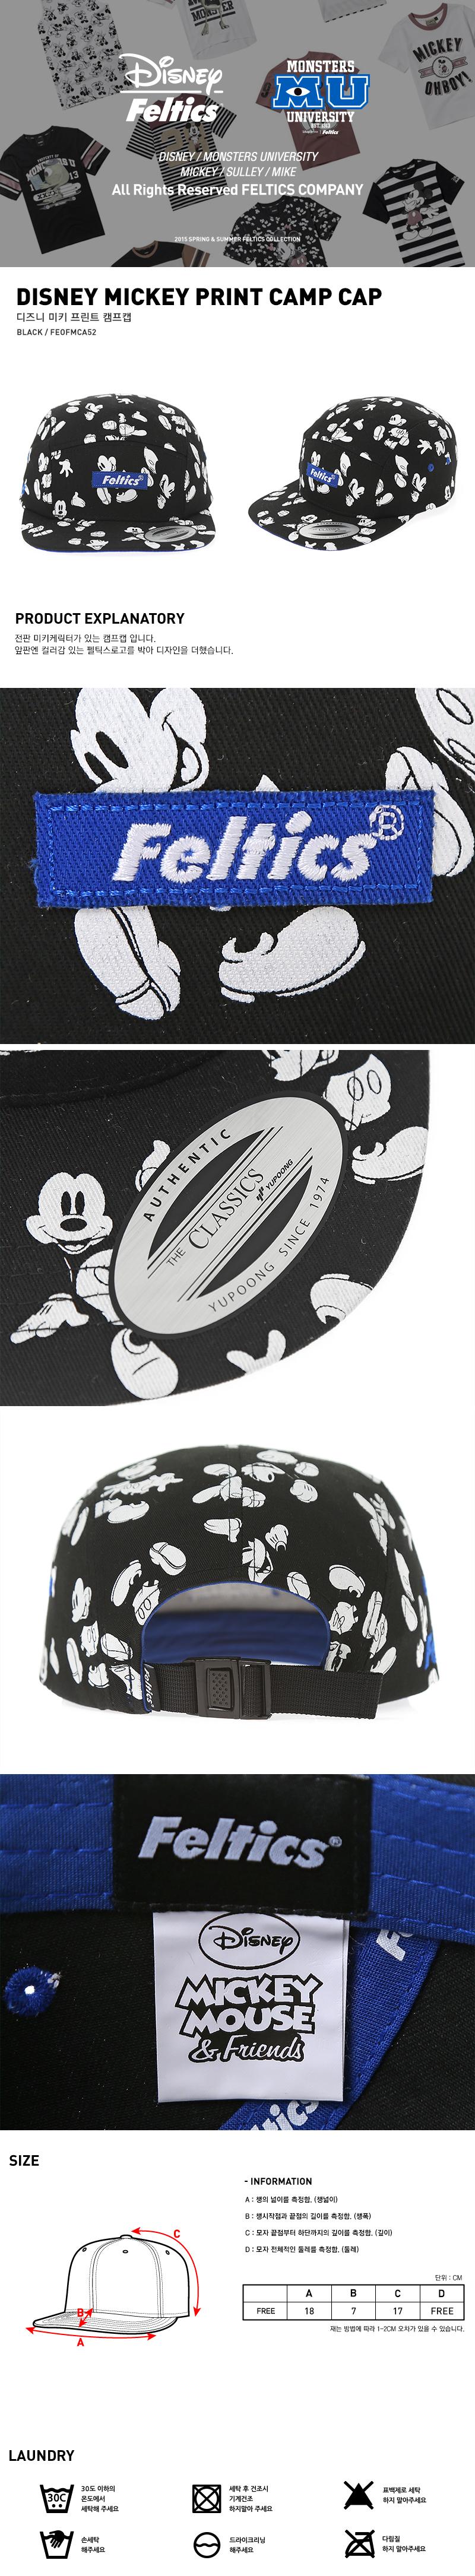 [ FELTICS ] [FELTICS] Mickey Print Campcap Black (FEOFMCA52)